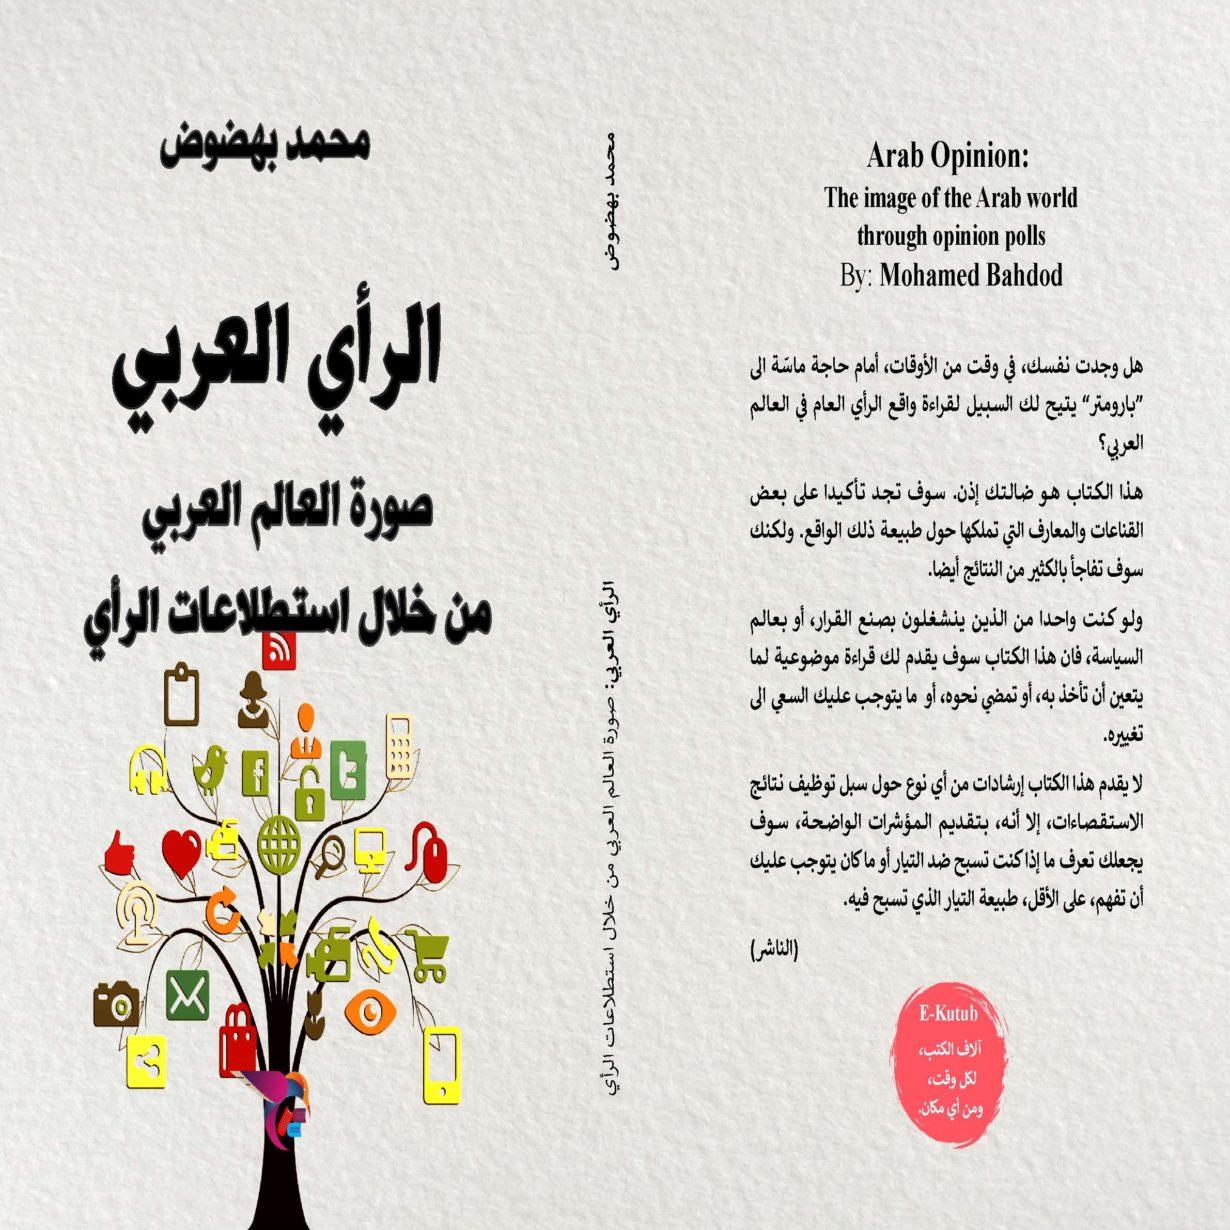 الرأي العربي:  صورة العالم العربي من خلال استطلاعات الرأي